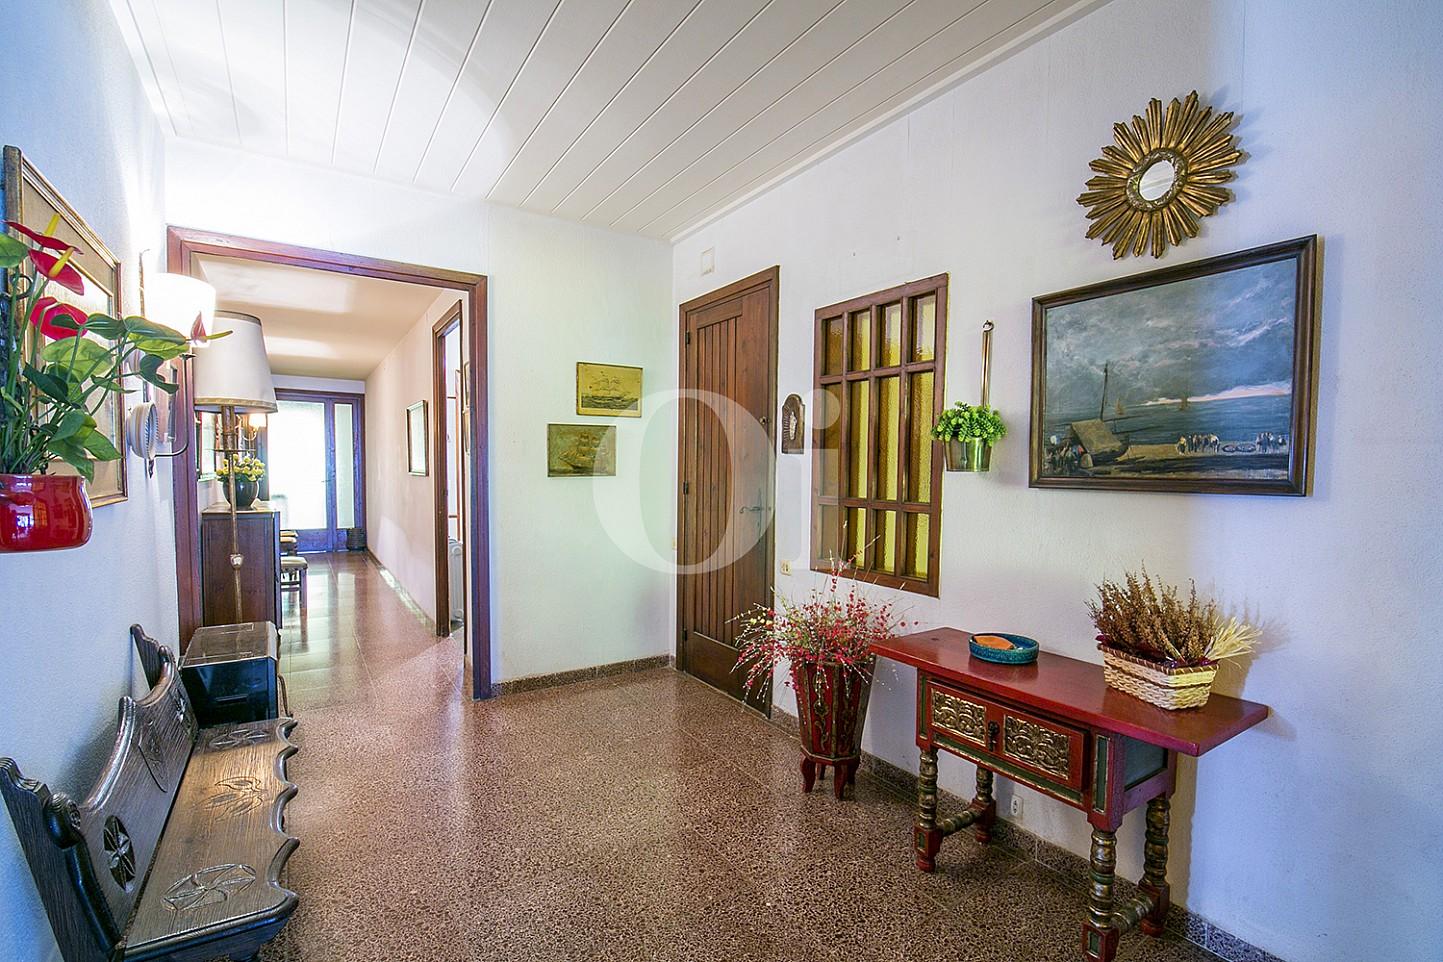 vistes de sensacional saló menjador amb vistes exteriors en pis en venda a caldes d'estrac